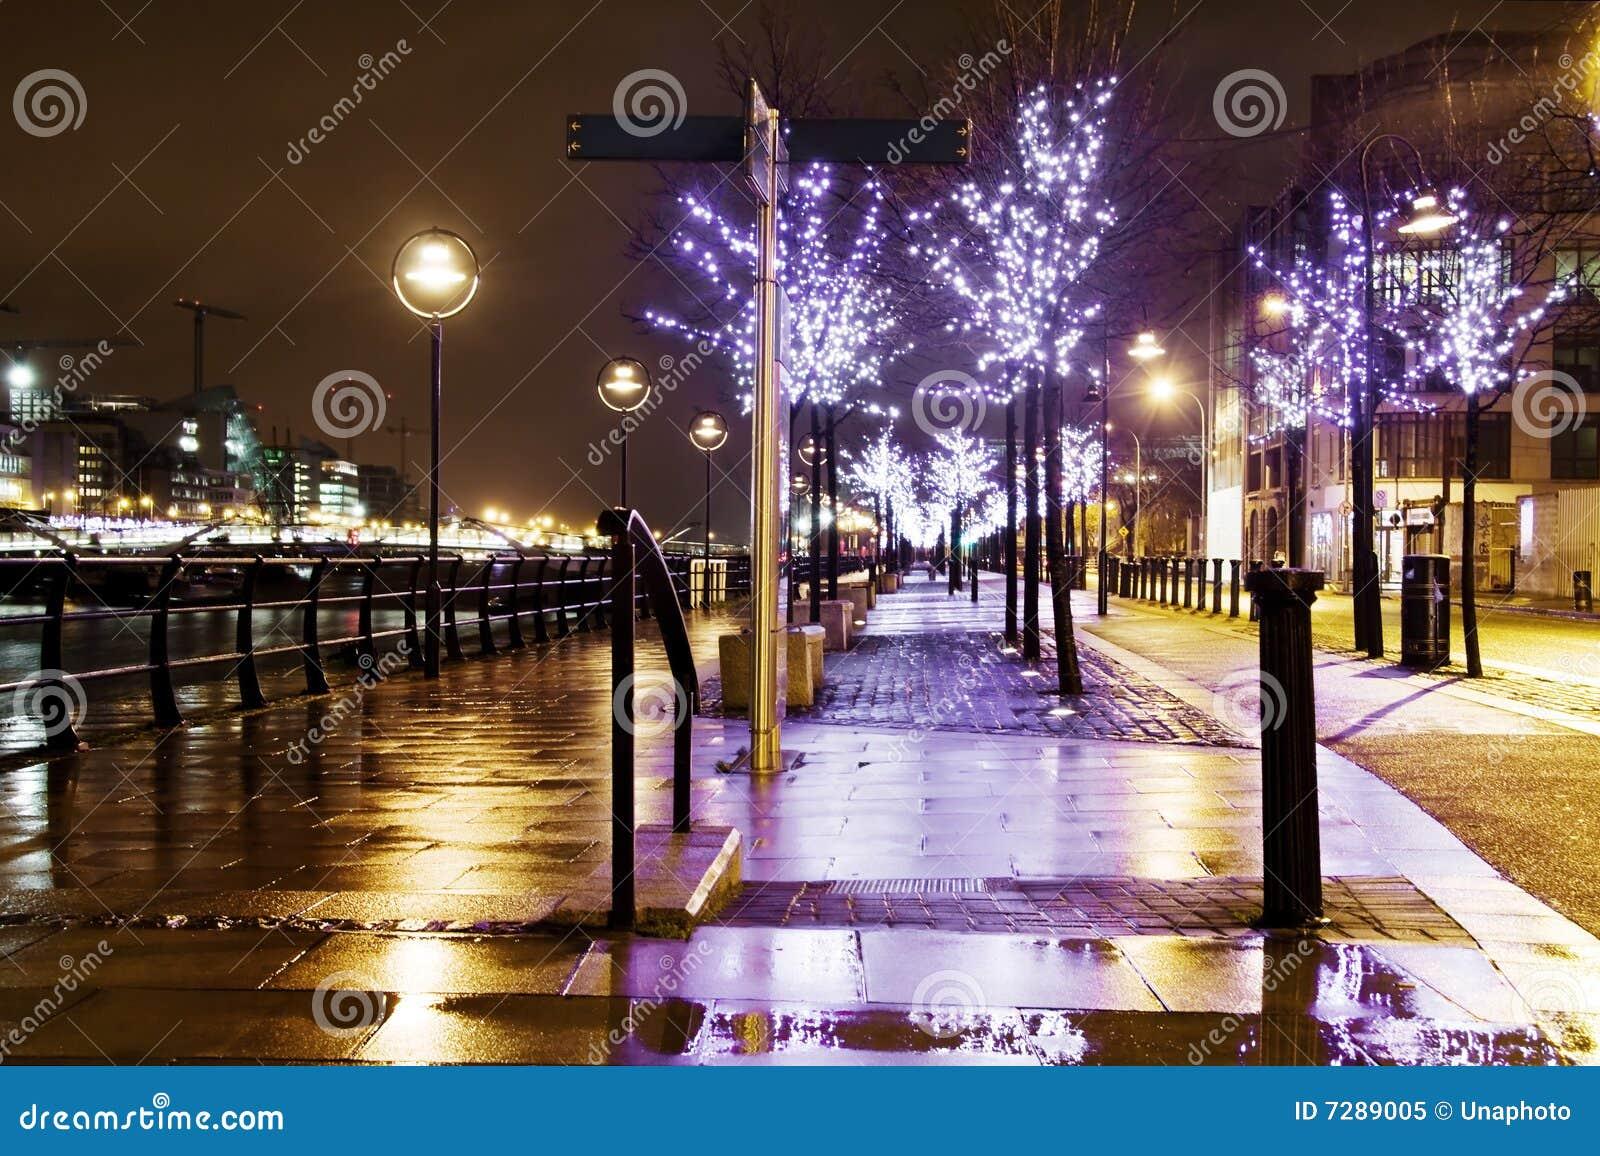 Callejón iluminado azul en la noche en la ciudad